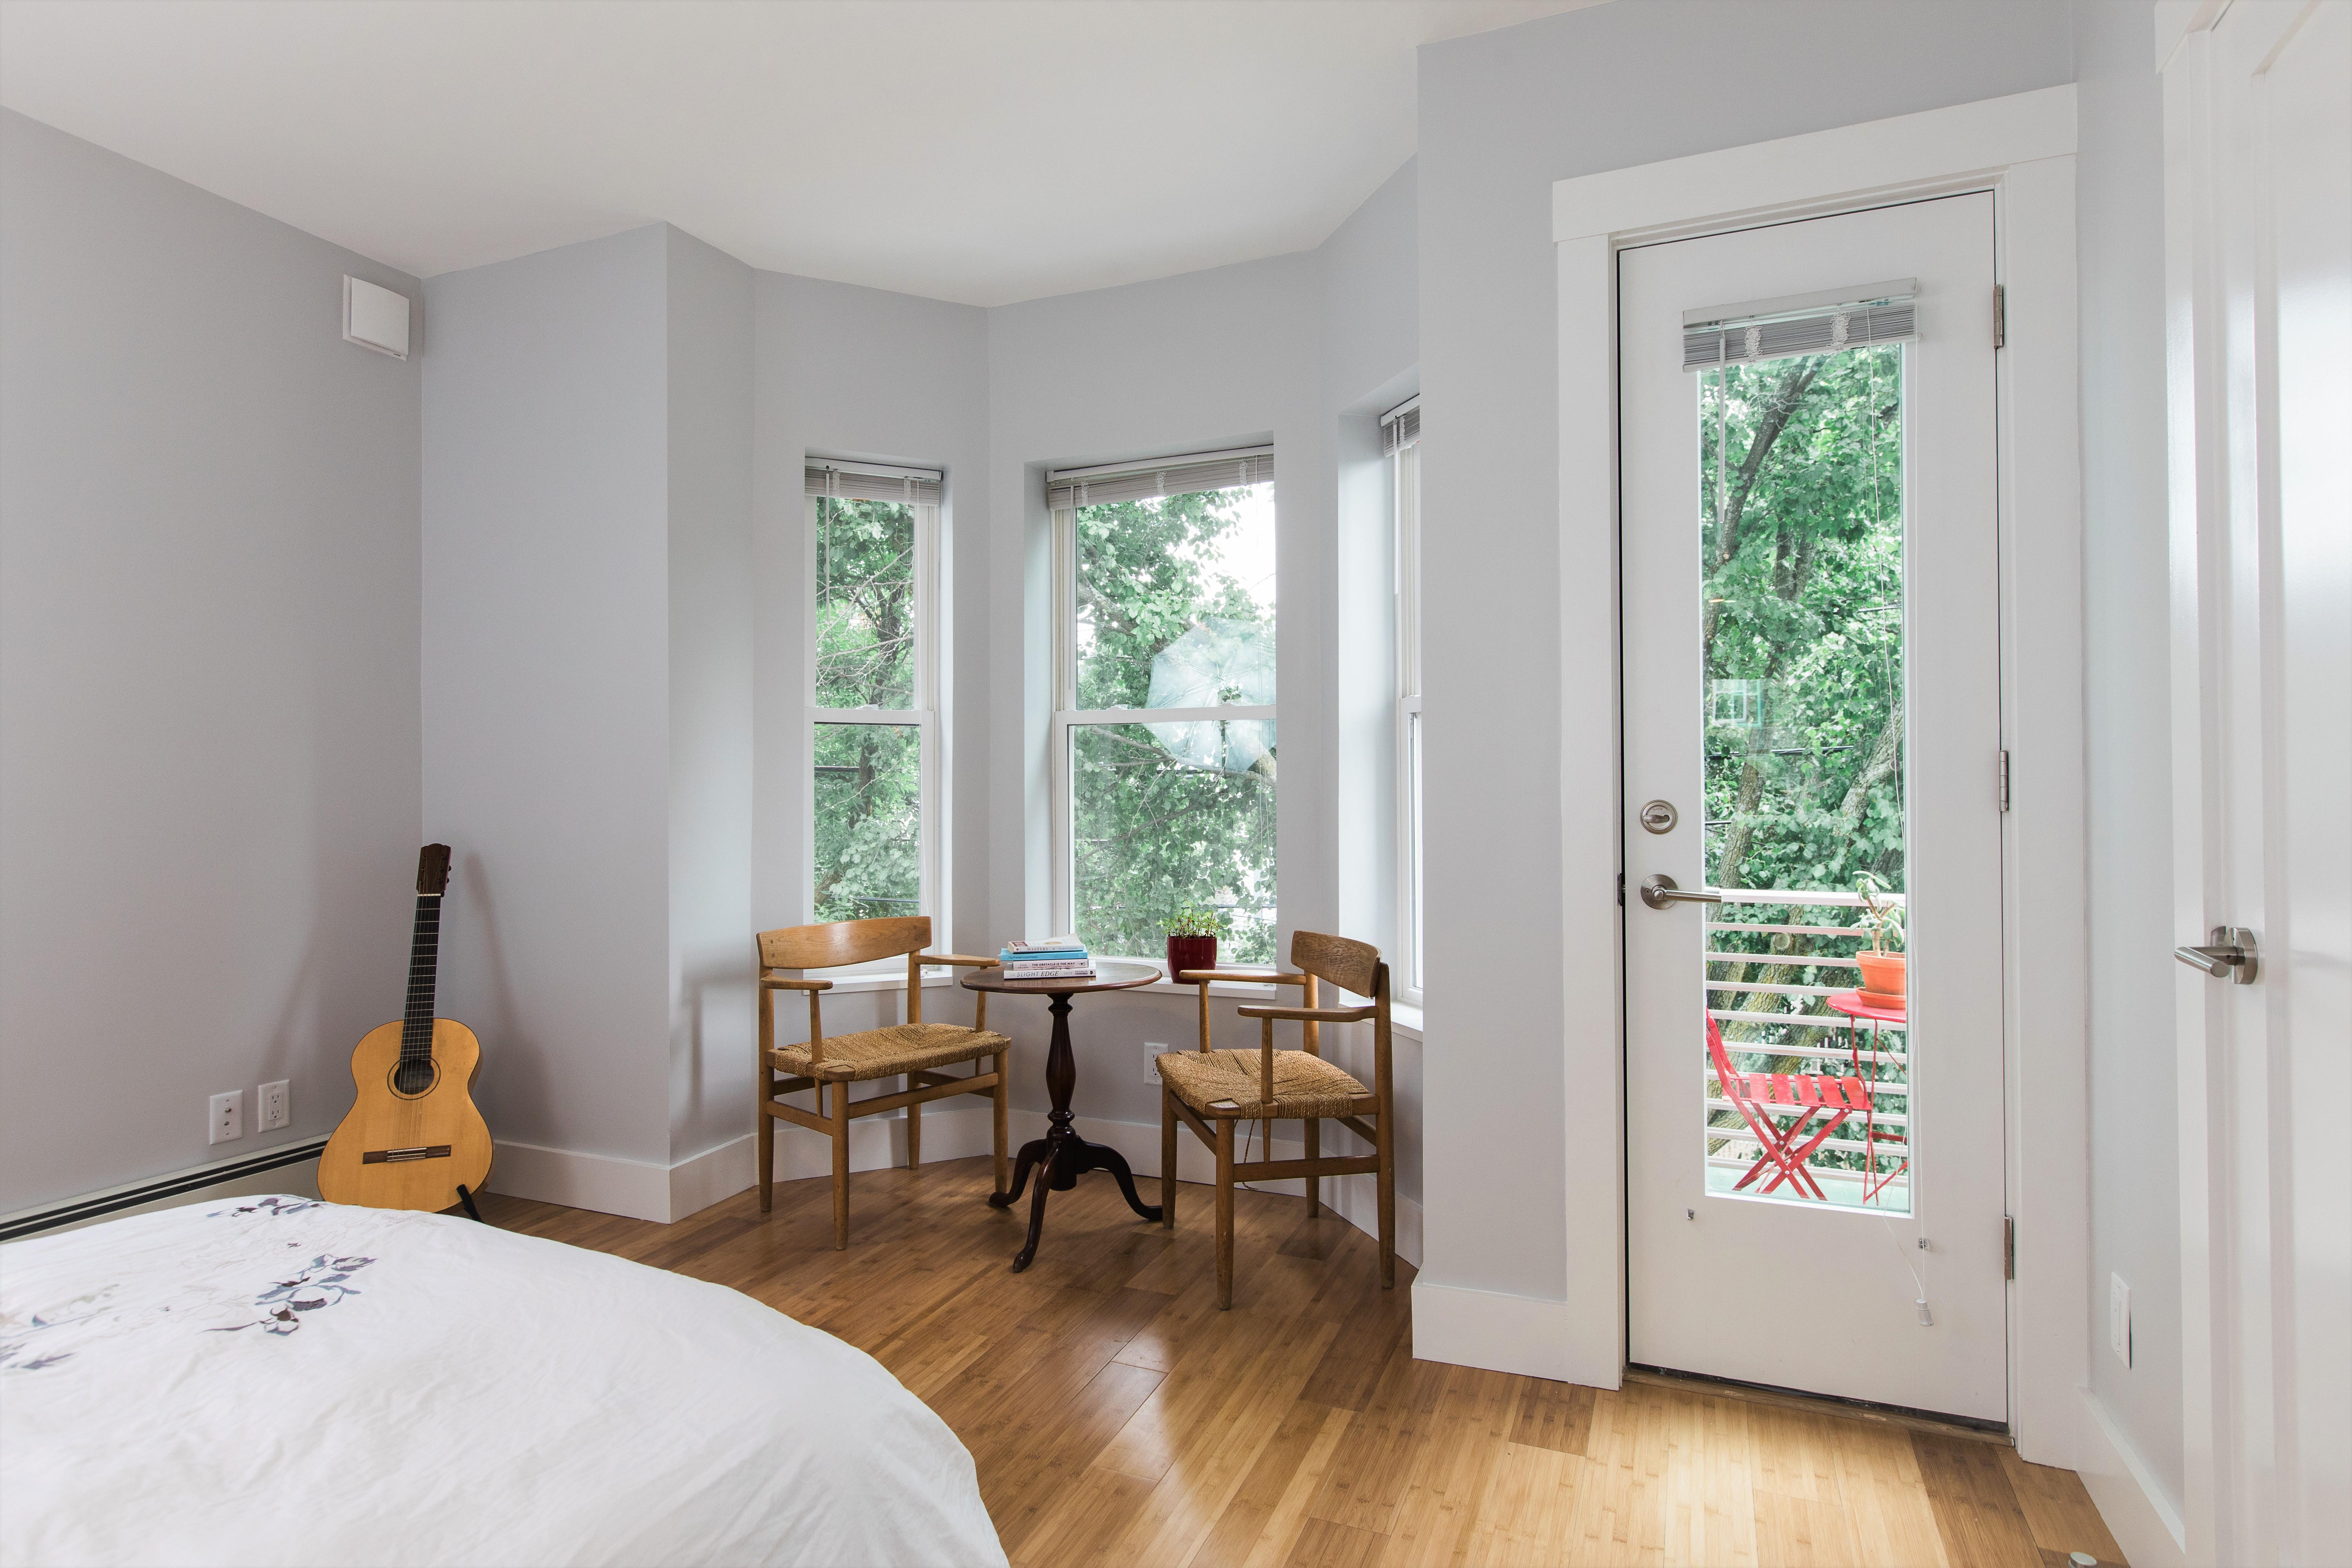 32 Quincy Bedroom 1